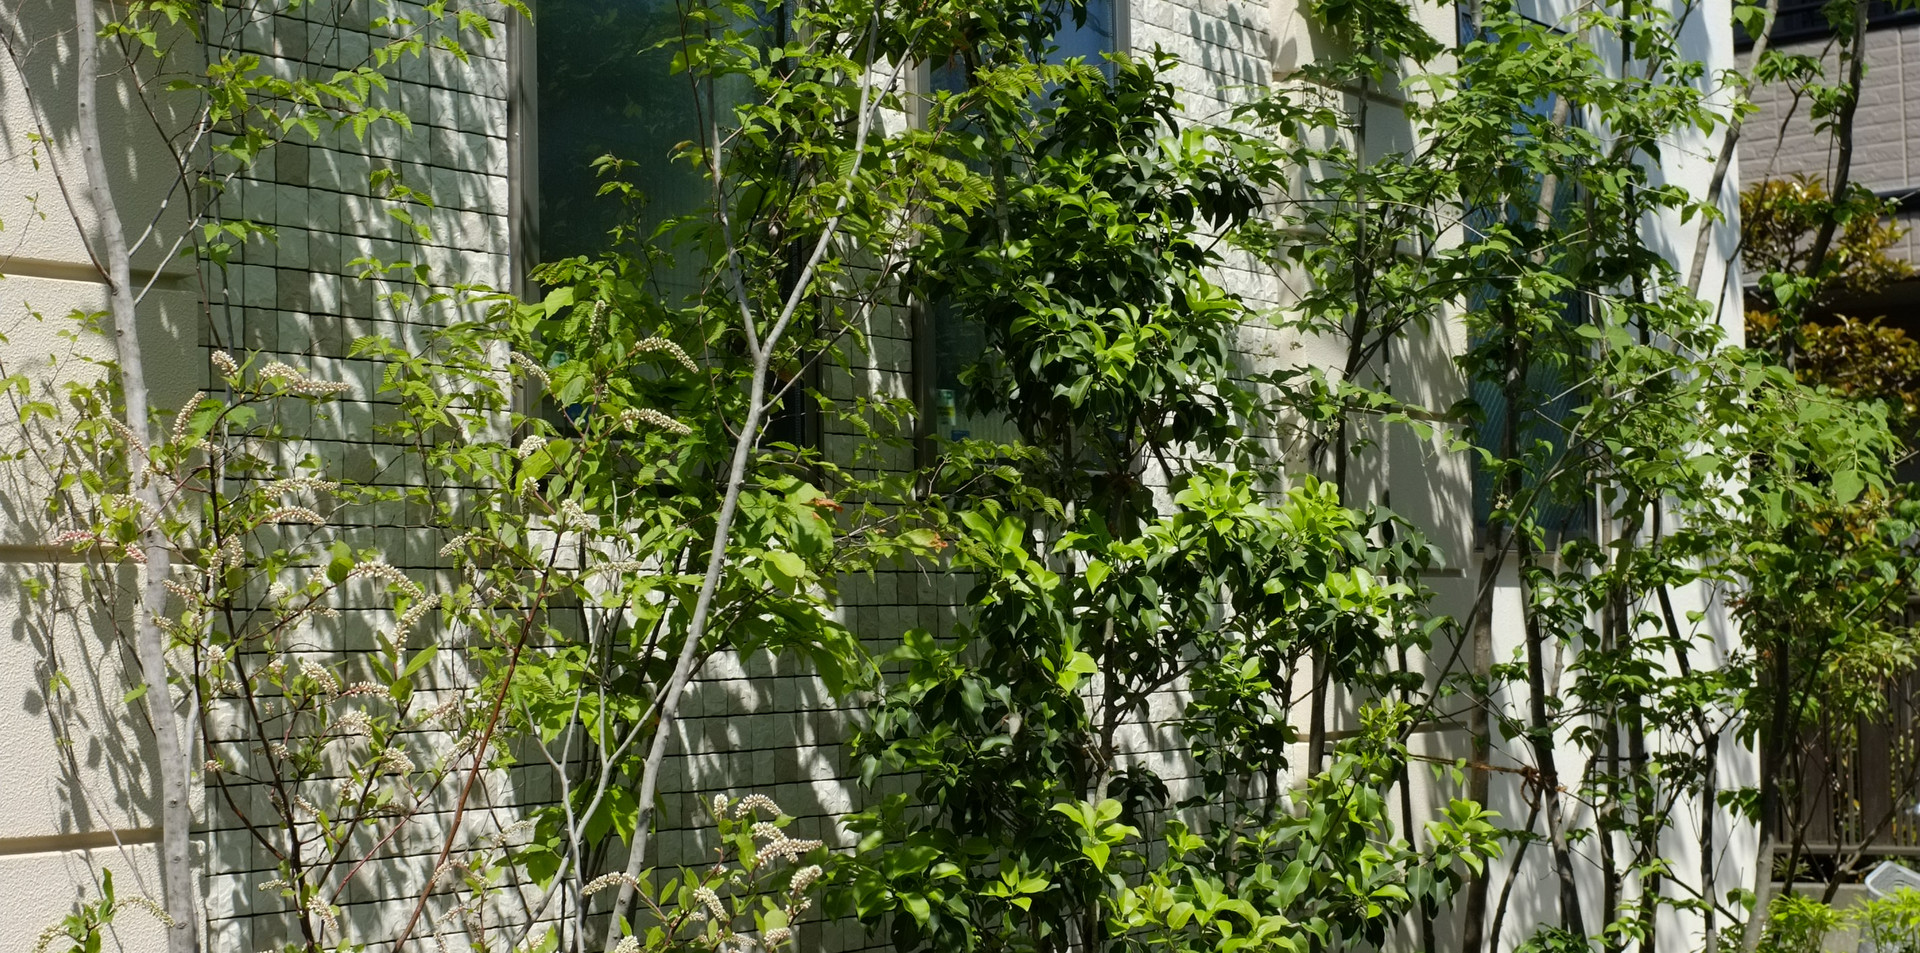 東京の庭づくり、雑木の庭づくり